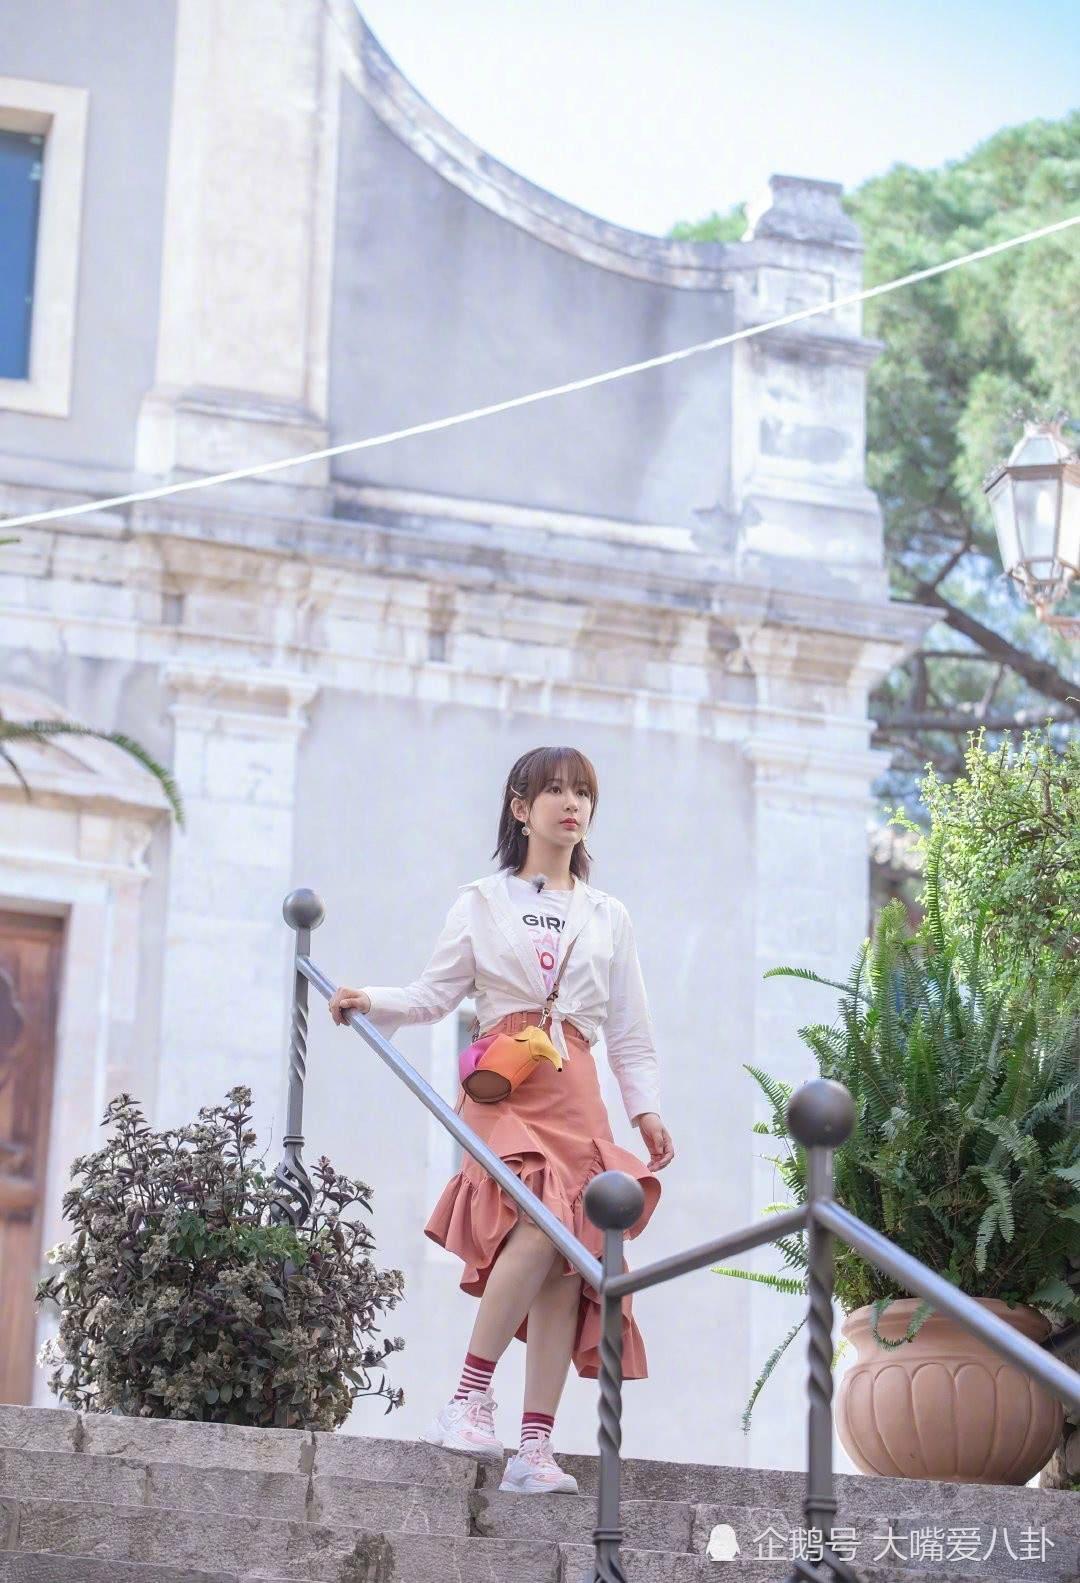 杨紫初秋少女穿搭,衬衫搭配荷叶边半裙,简直不要太好看!